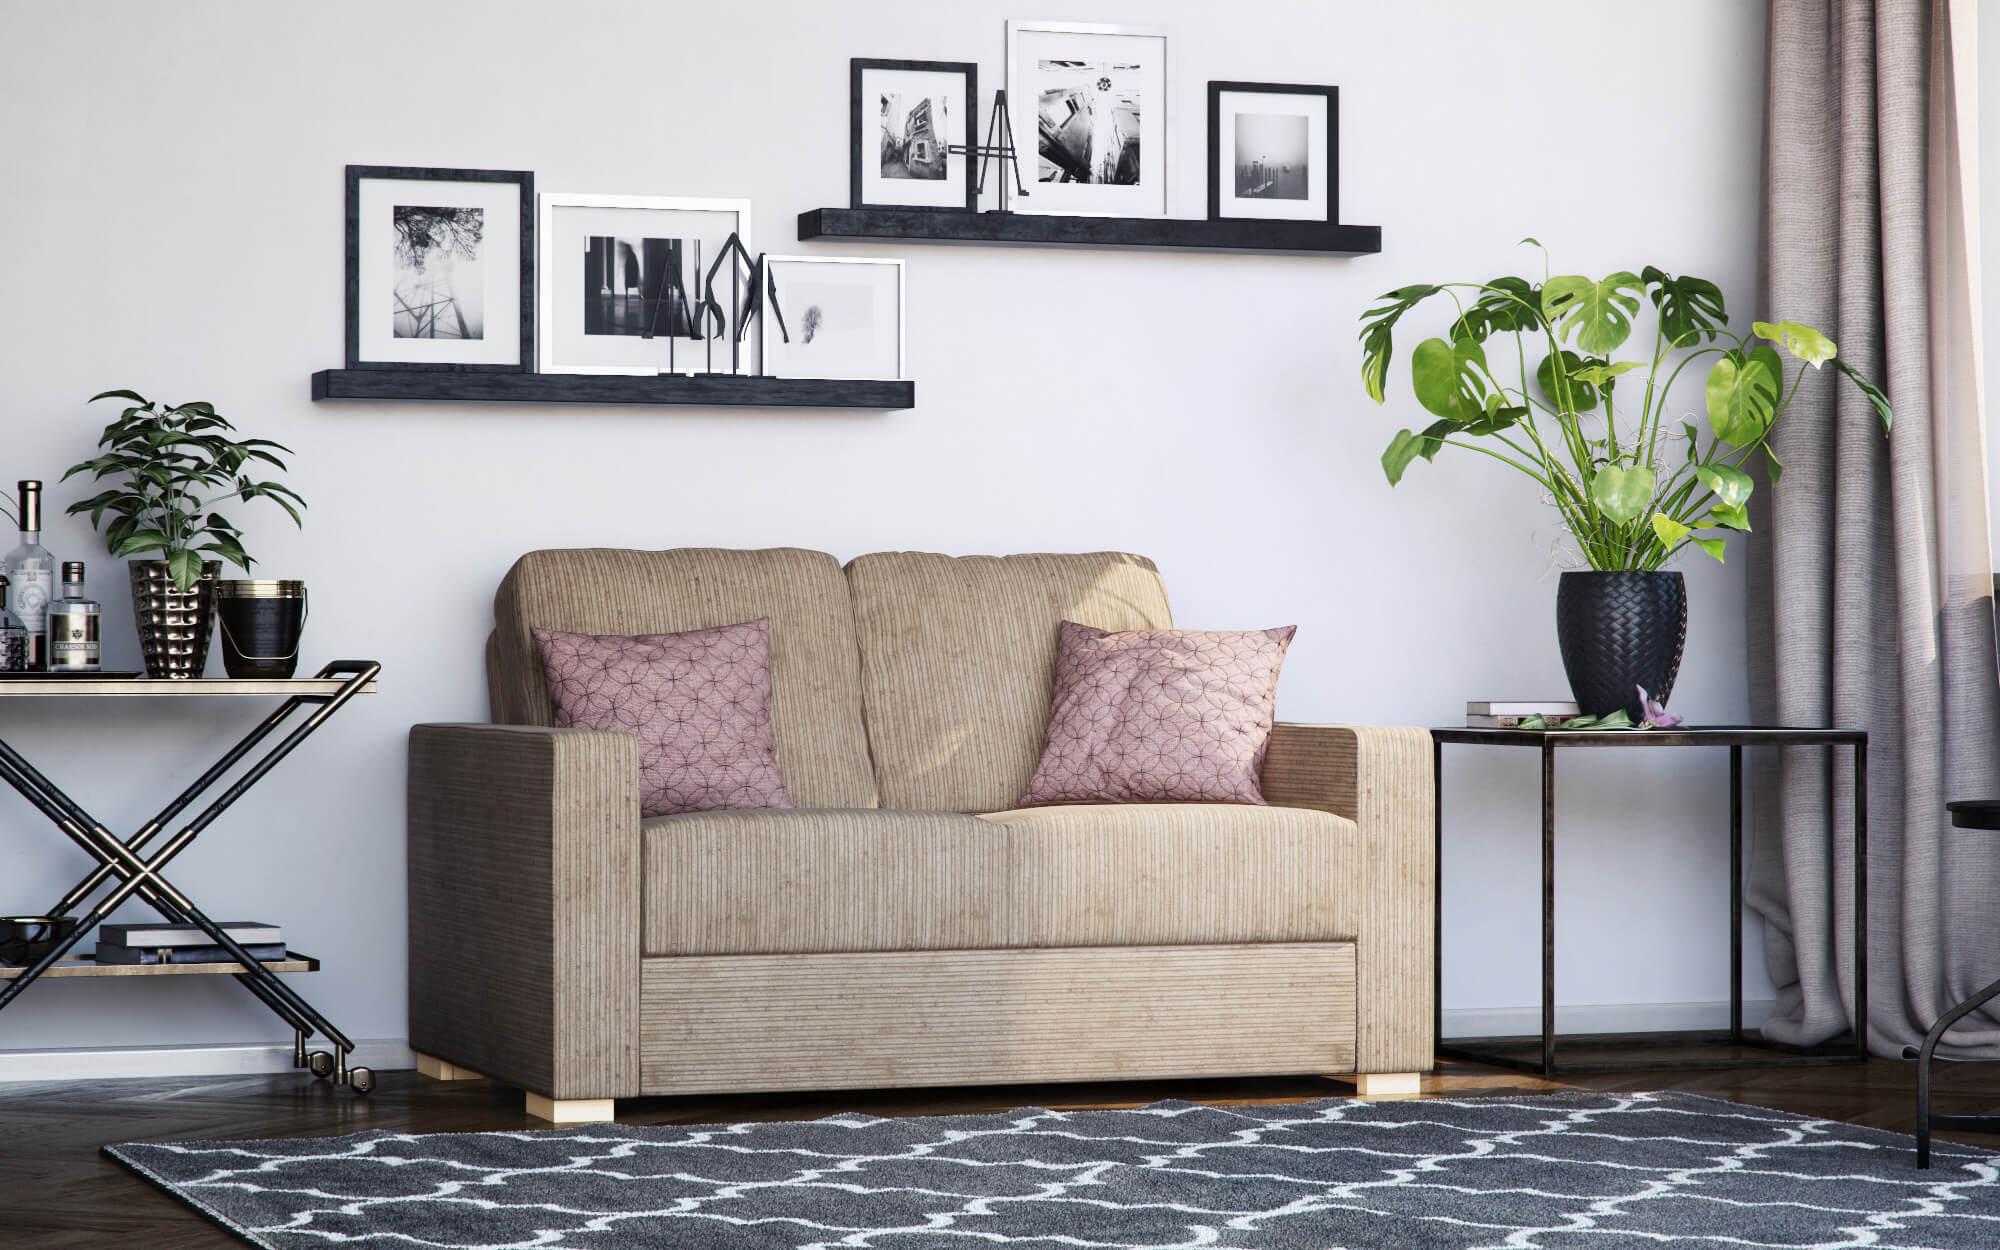 Lear sofa